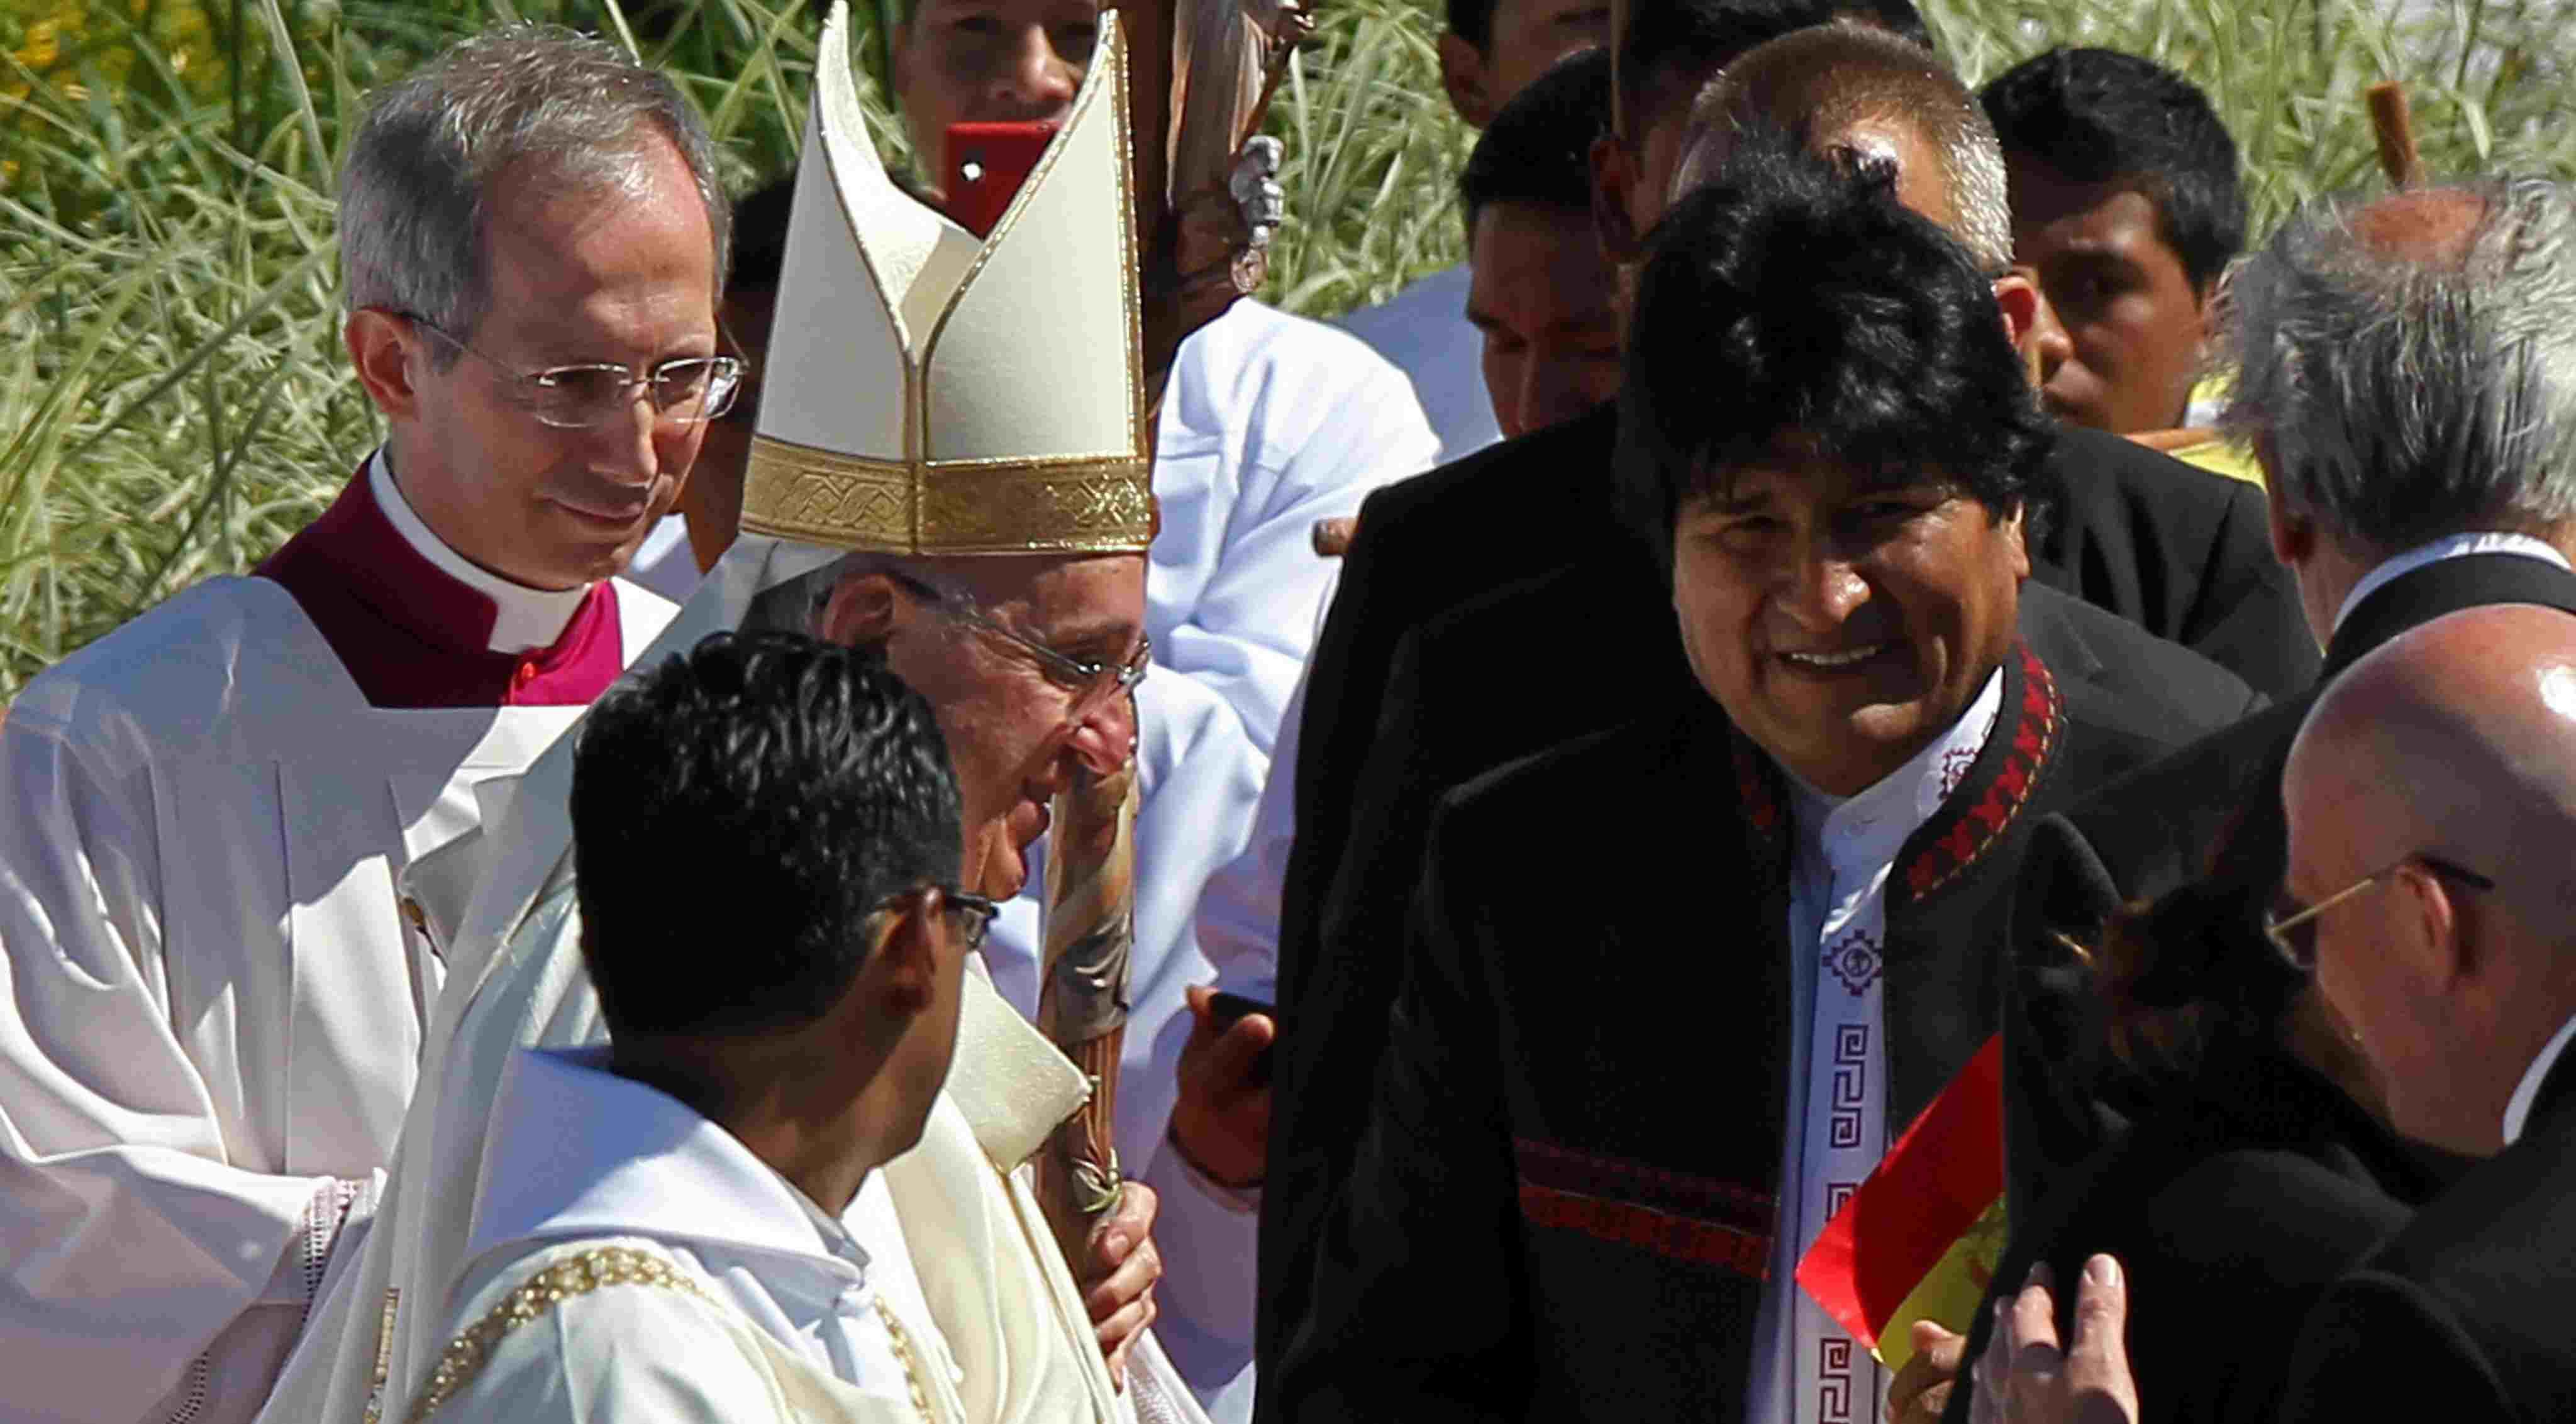 U SVOM STILU: Morales poklonio Papi križ sa srpom i čekićem